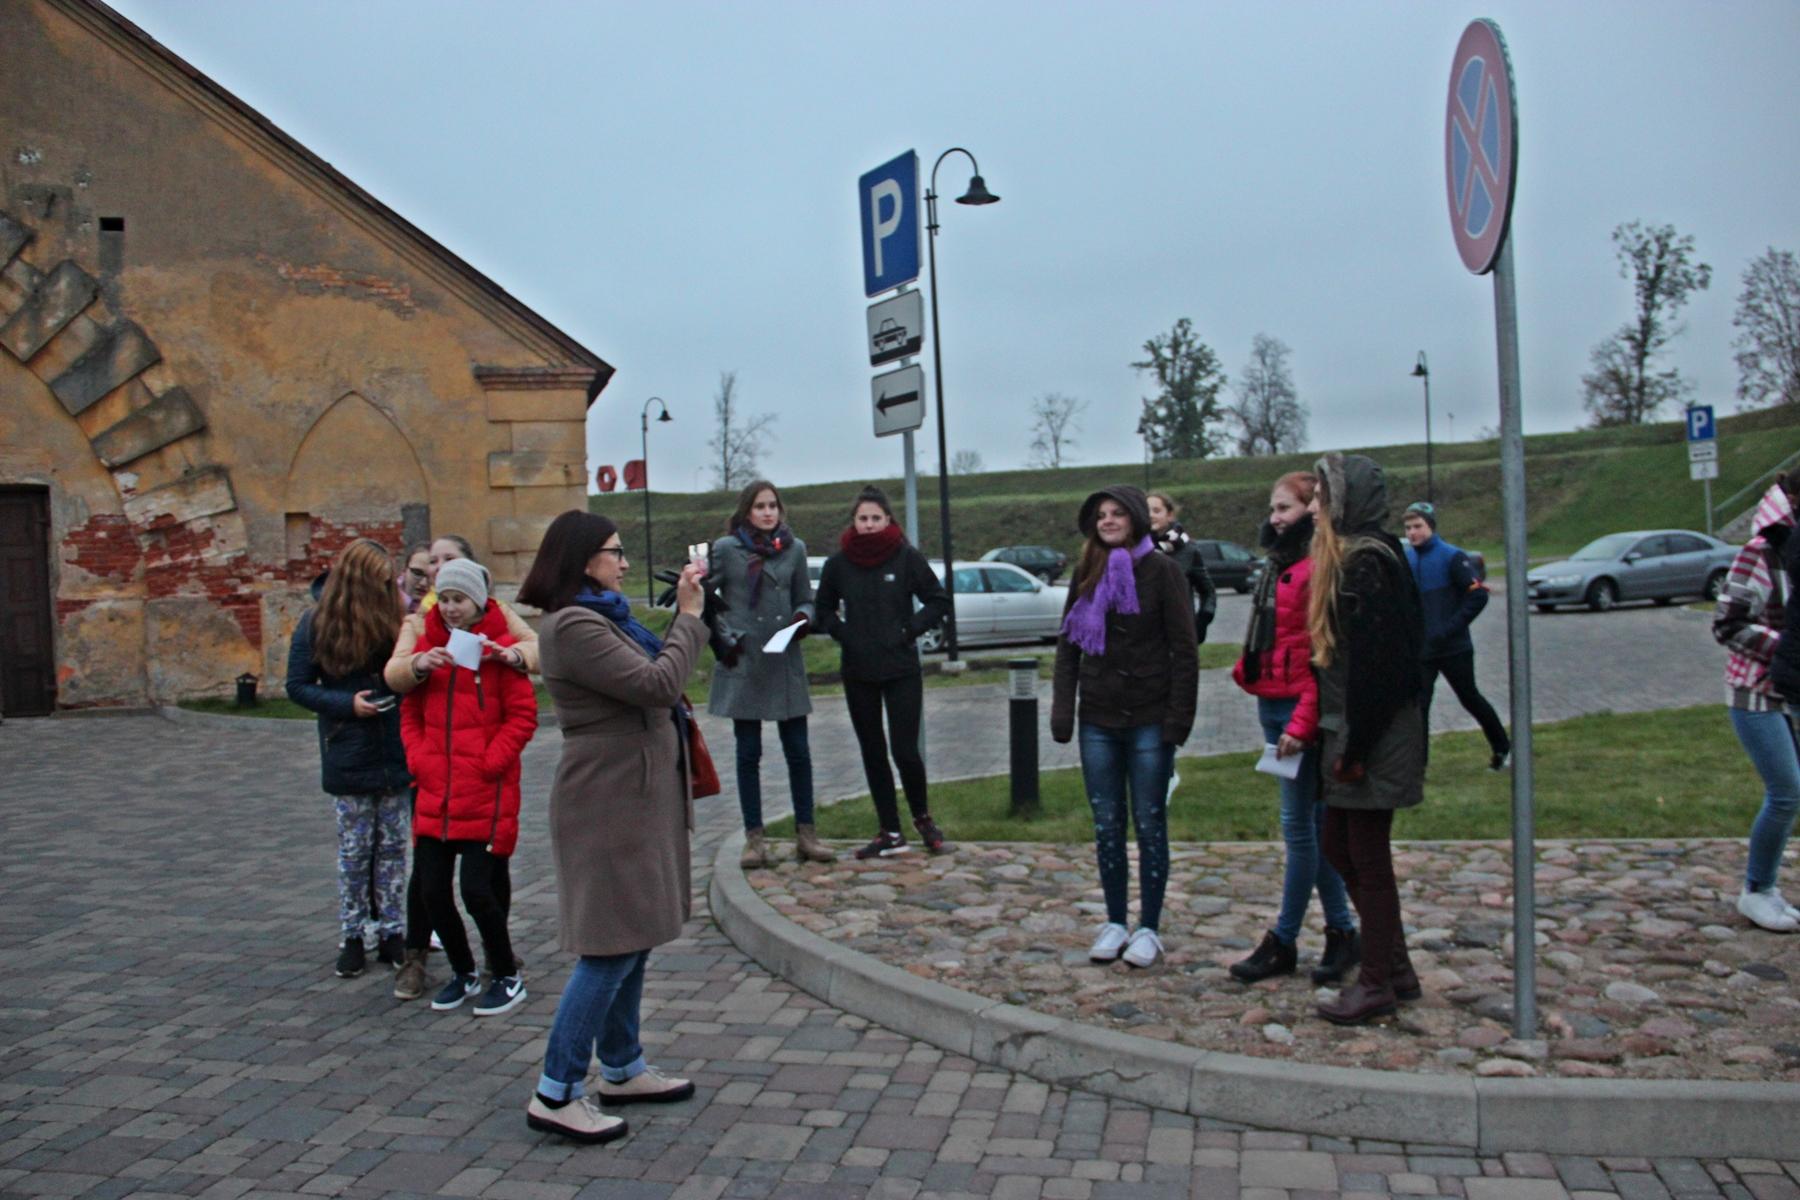 Historyczna gra terenowa w Twierdzy Dyneburg